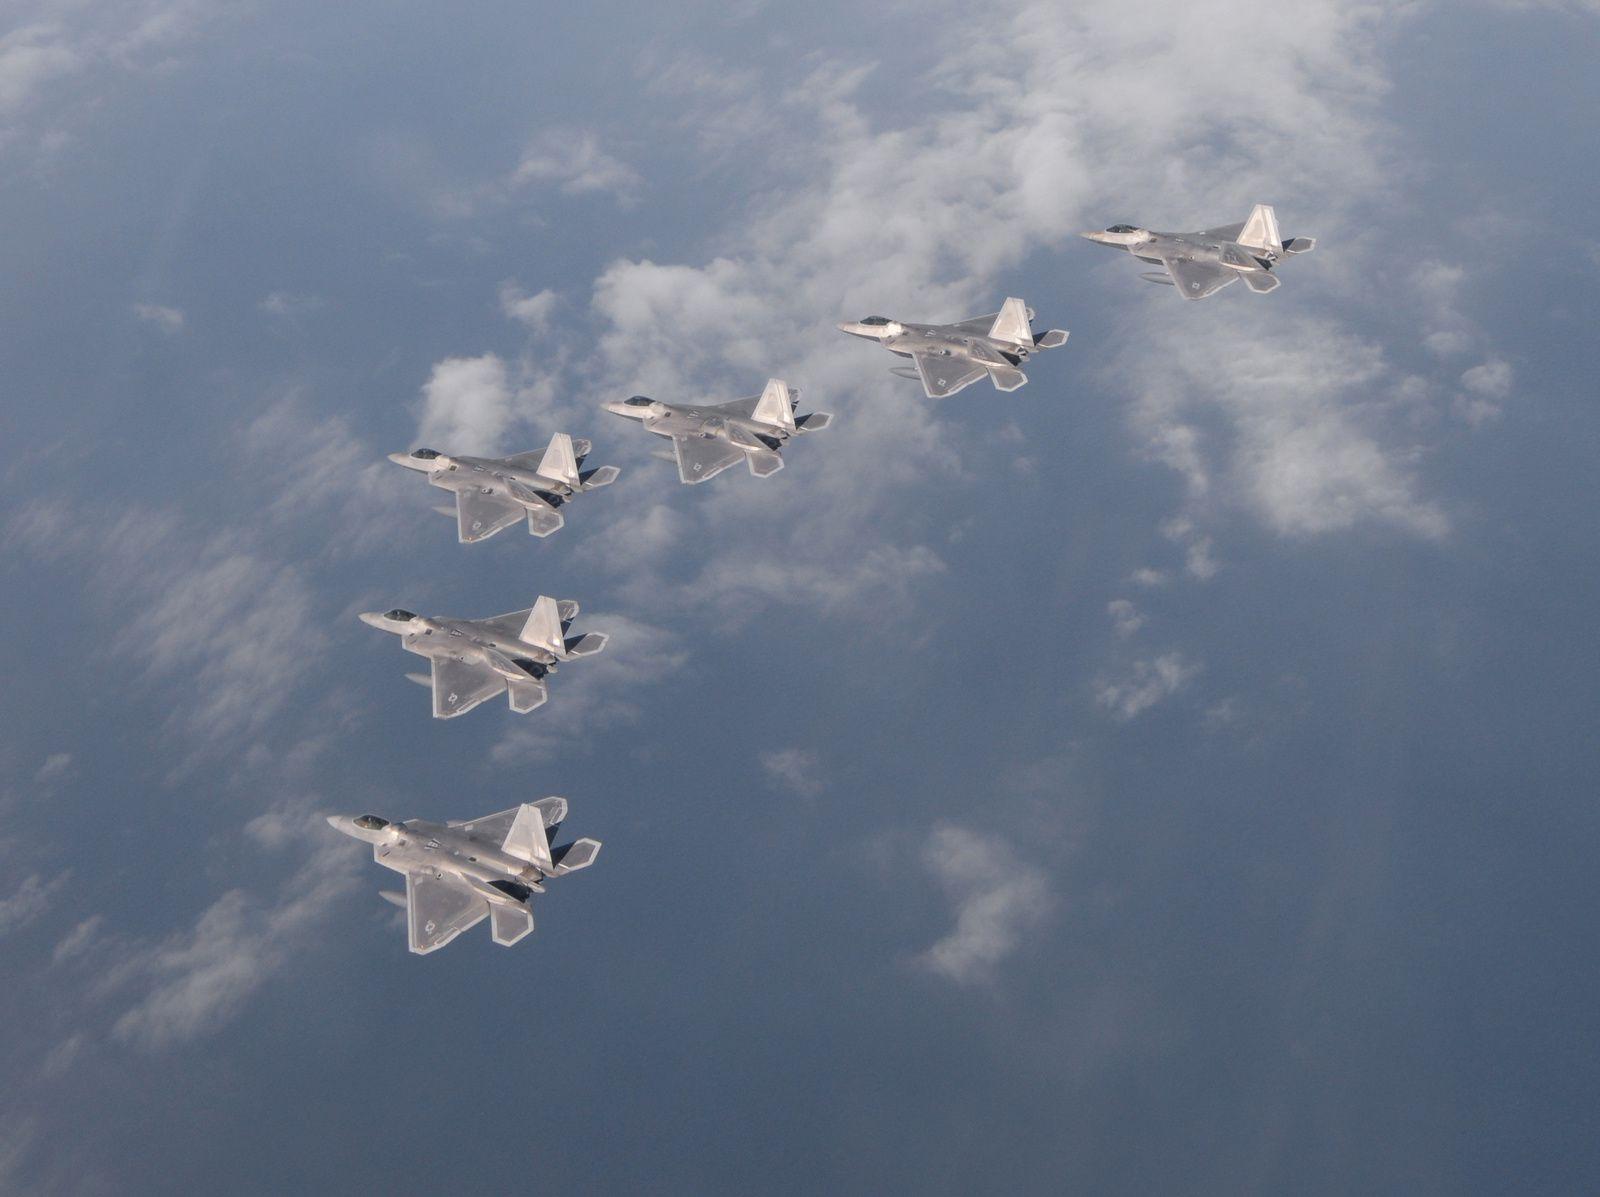 Commémoration du centenaire de l'Escadrille La Fayette  Ob_1e8024_2270361